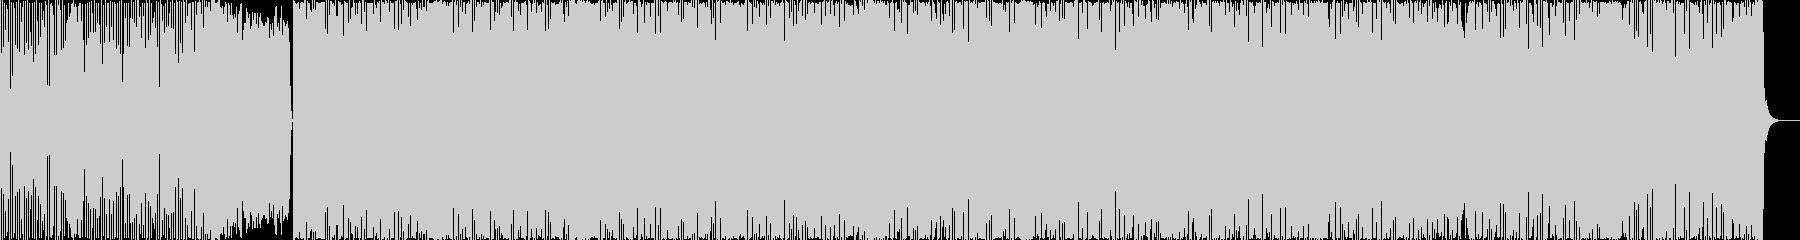 激しくクールなロックチューンです。の未再生の波形